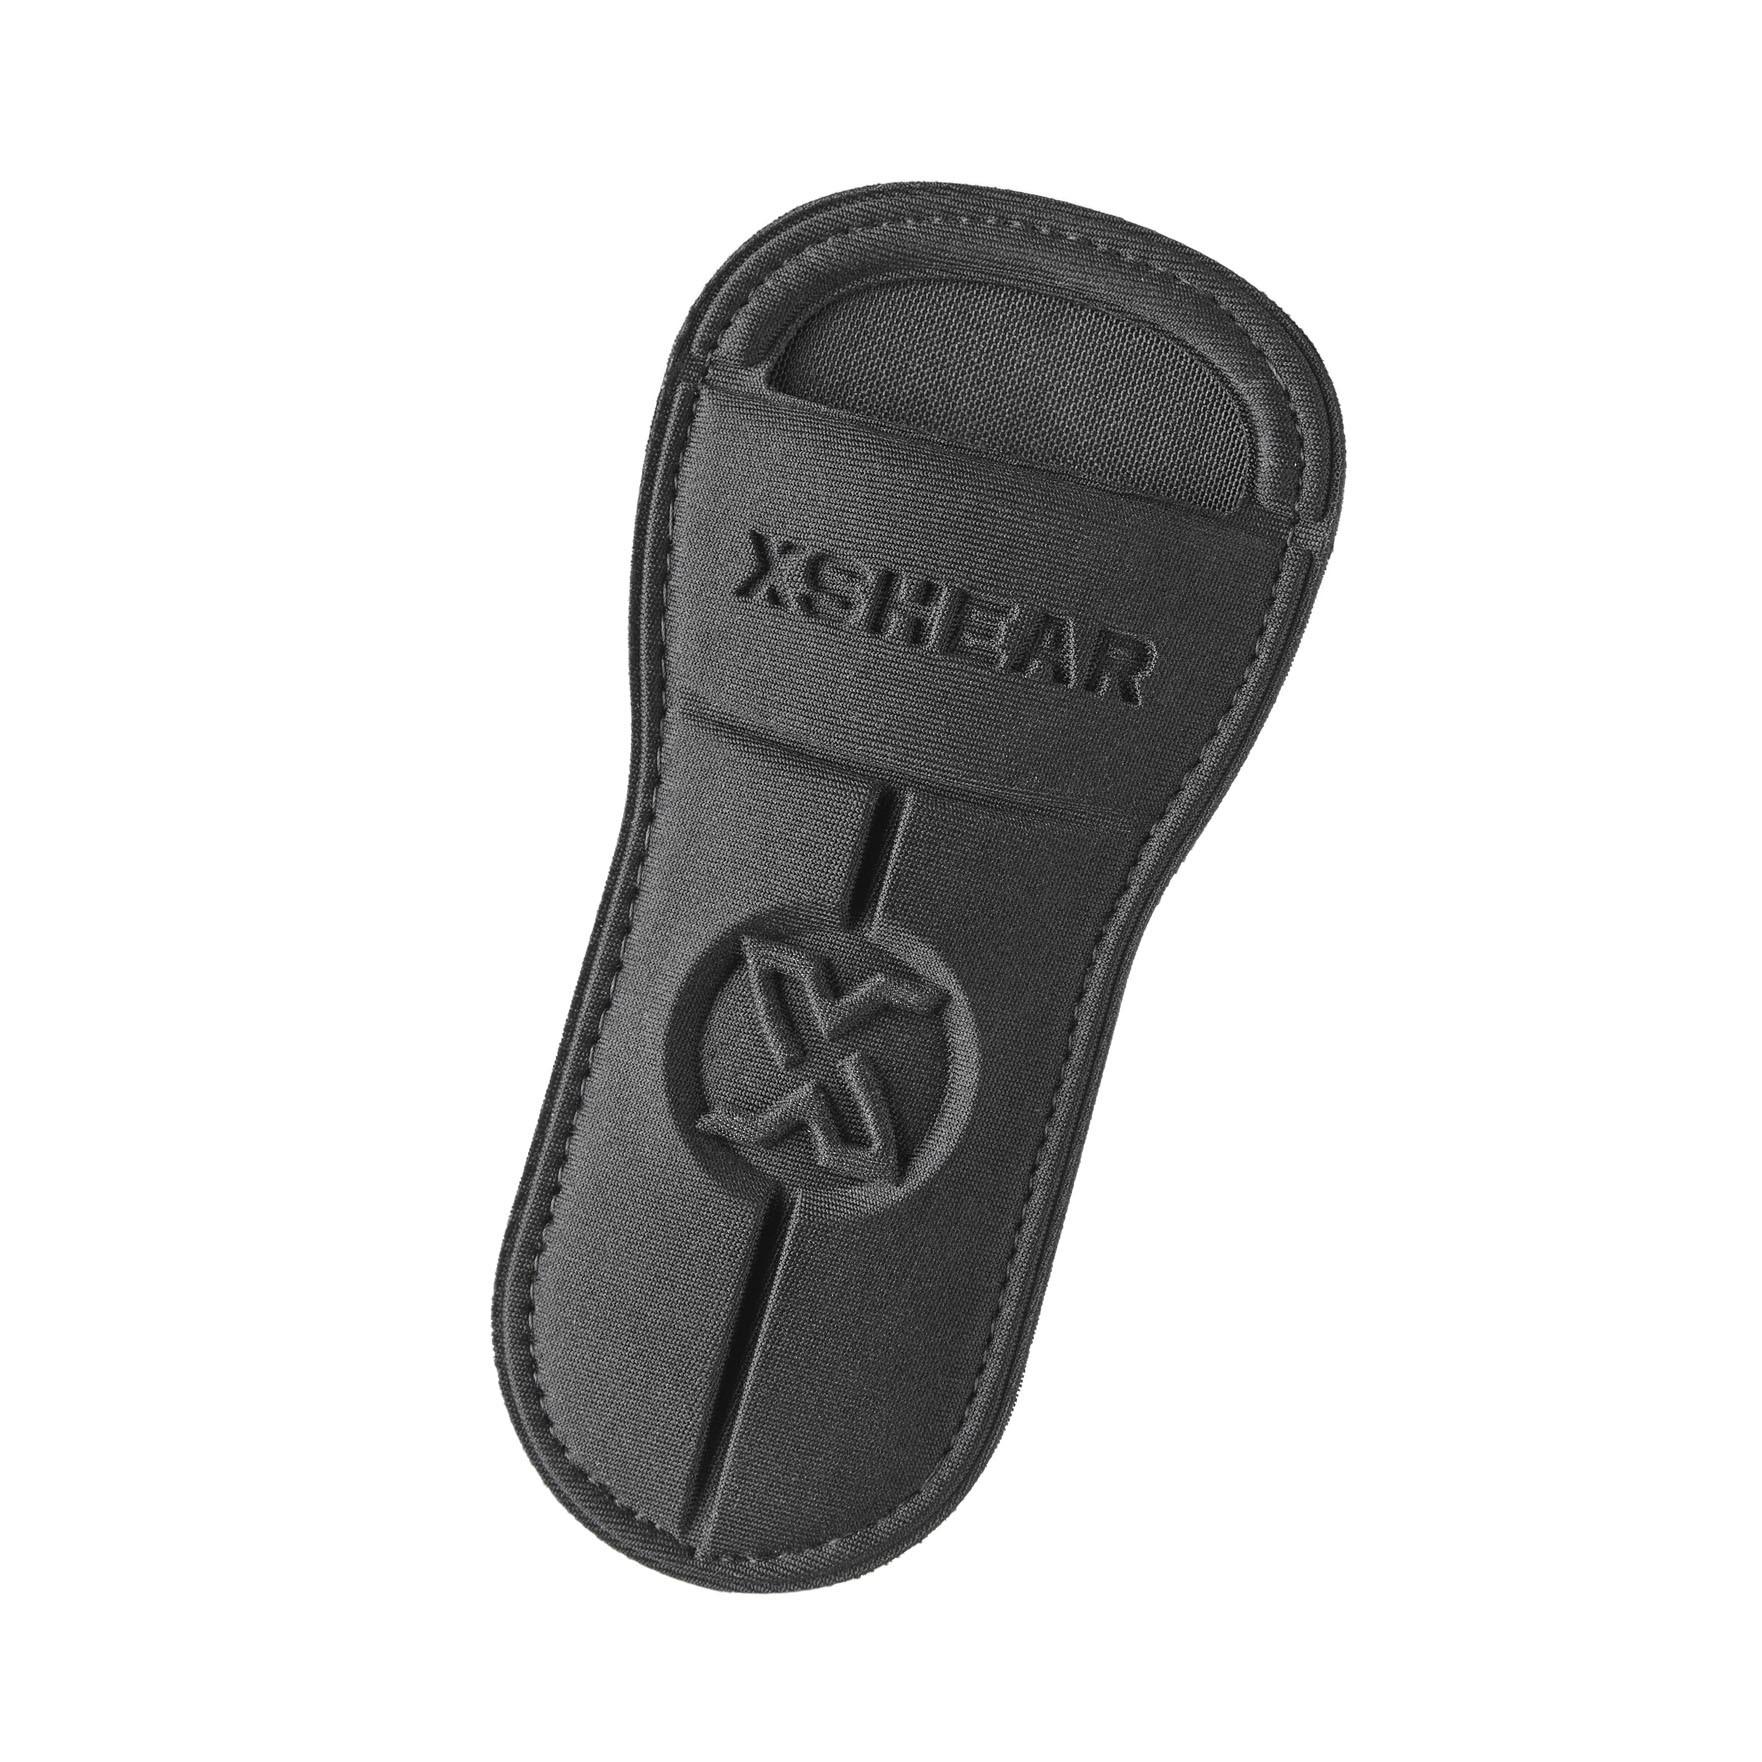 XShear® Soft Holster